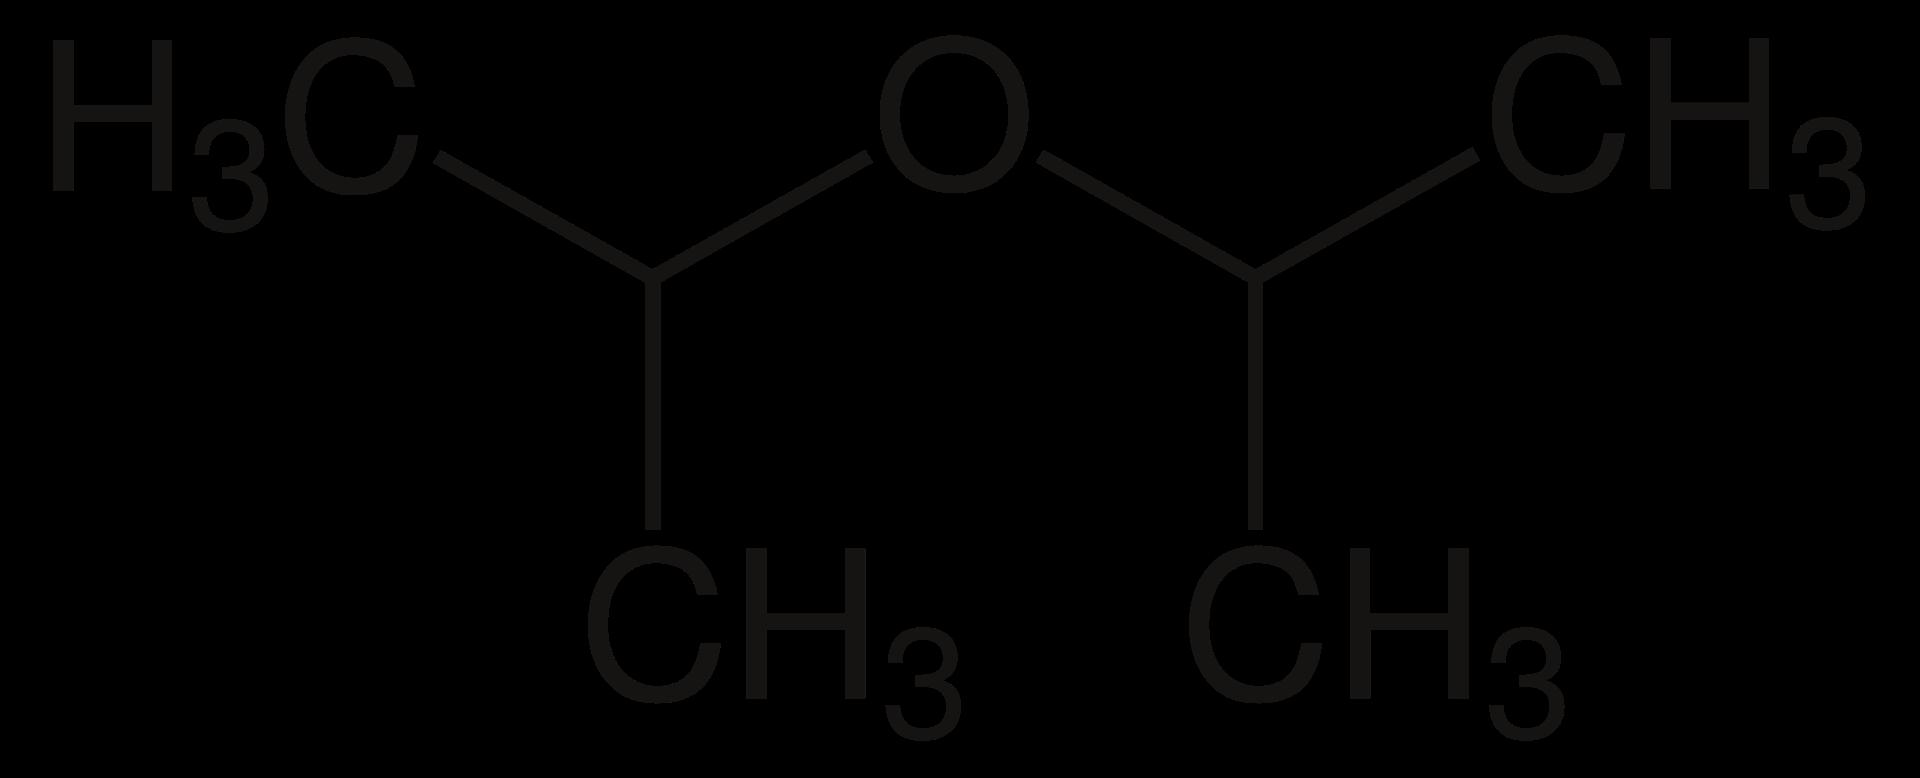 أيزوبروبيل الإيثر (أيسوبروبيل إيثر) Isopropyl Ether